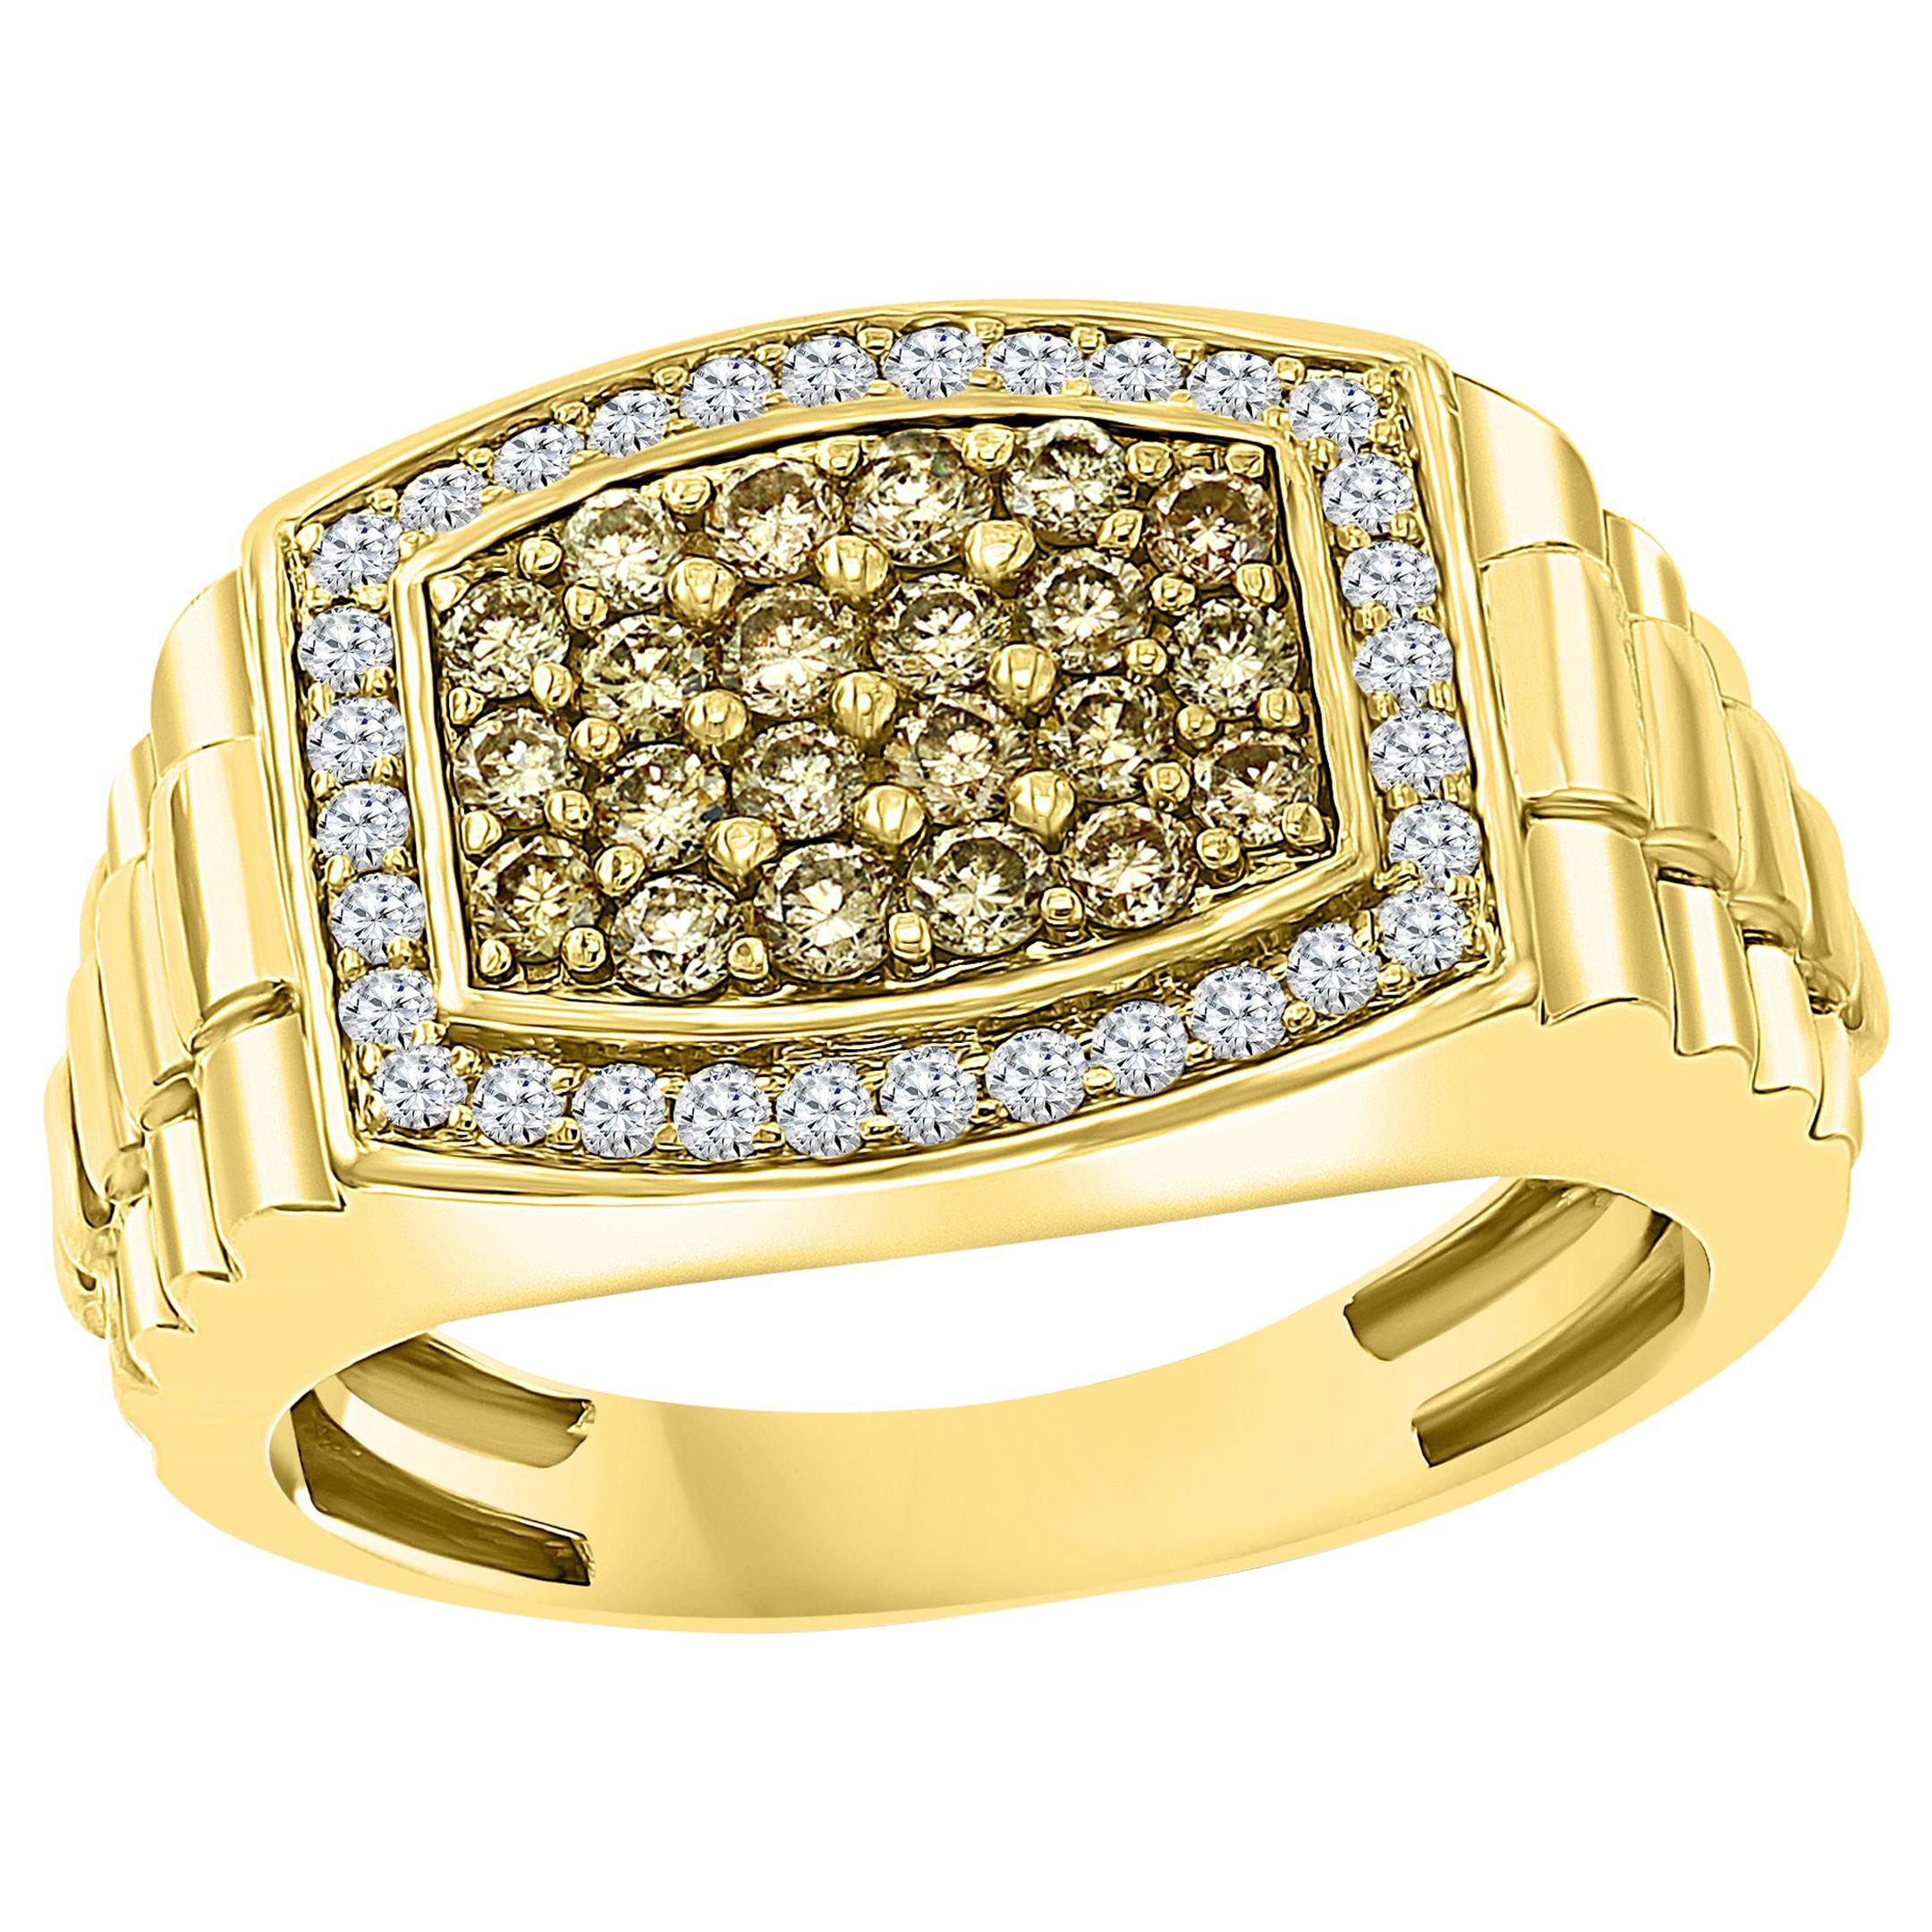 1 Carat Diamond Traditional Men's Ring 14 Karat Yellow Gold Ring Estate